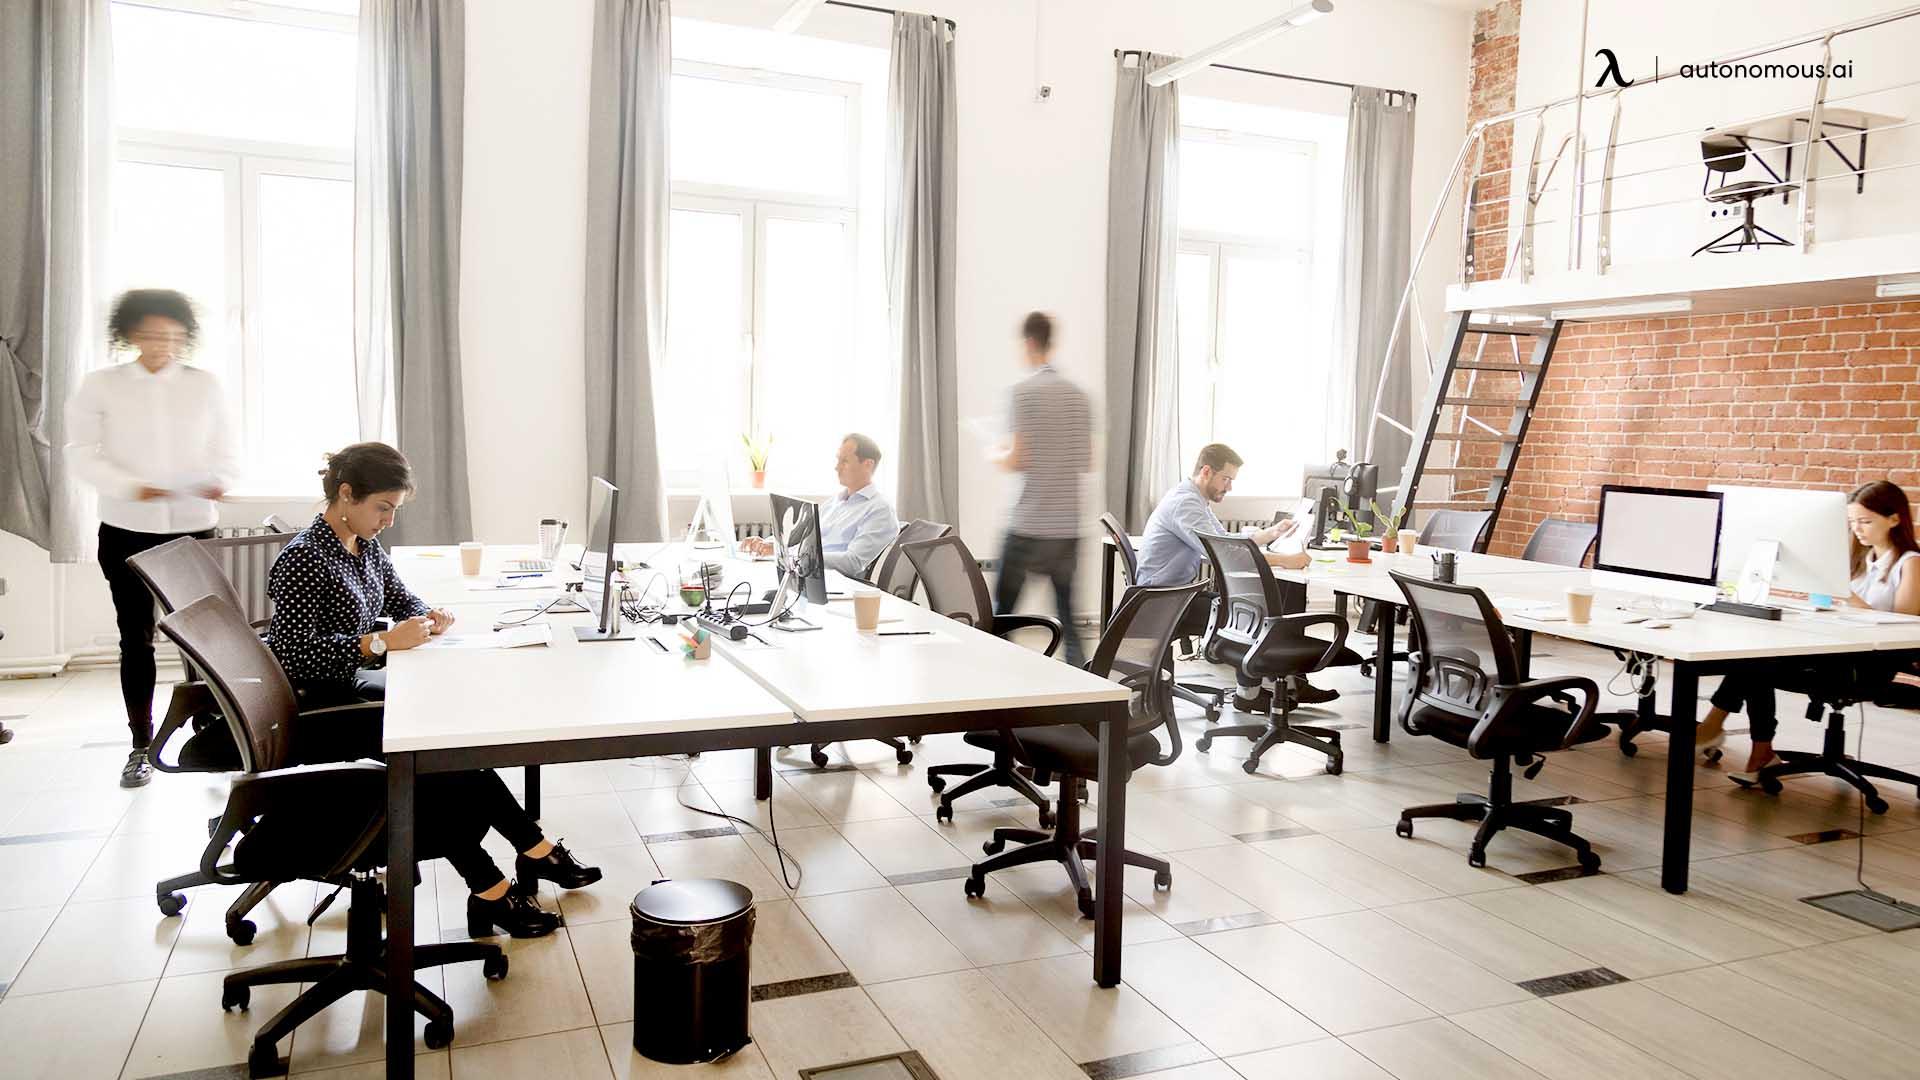 open-plan office